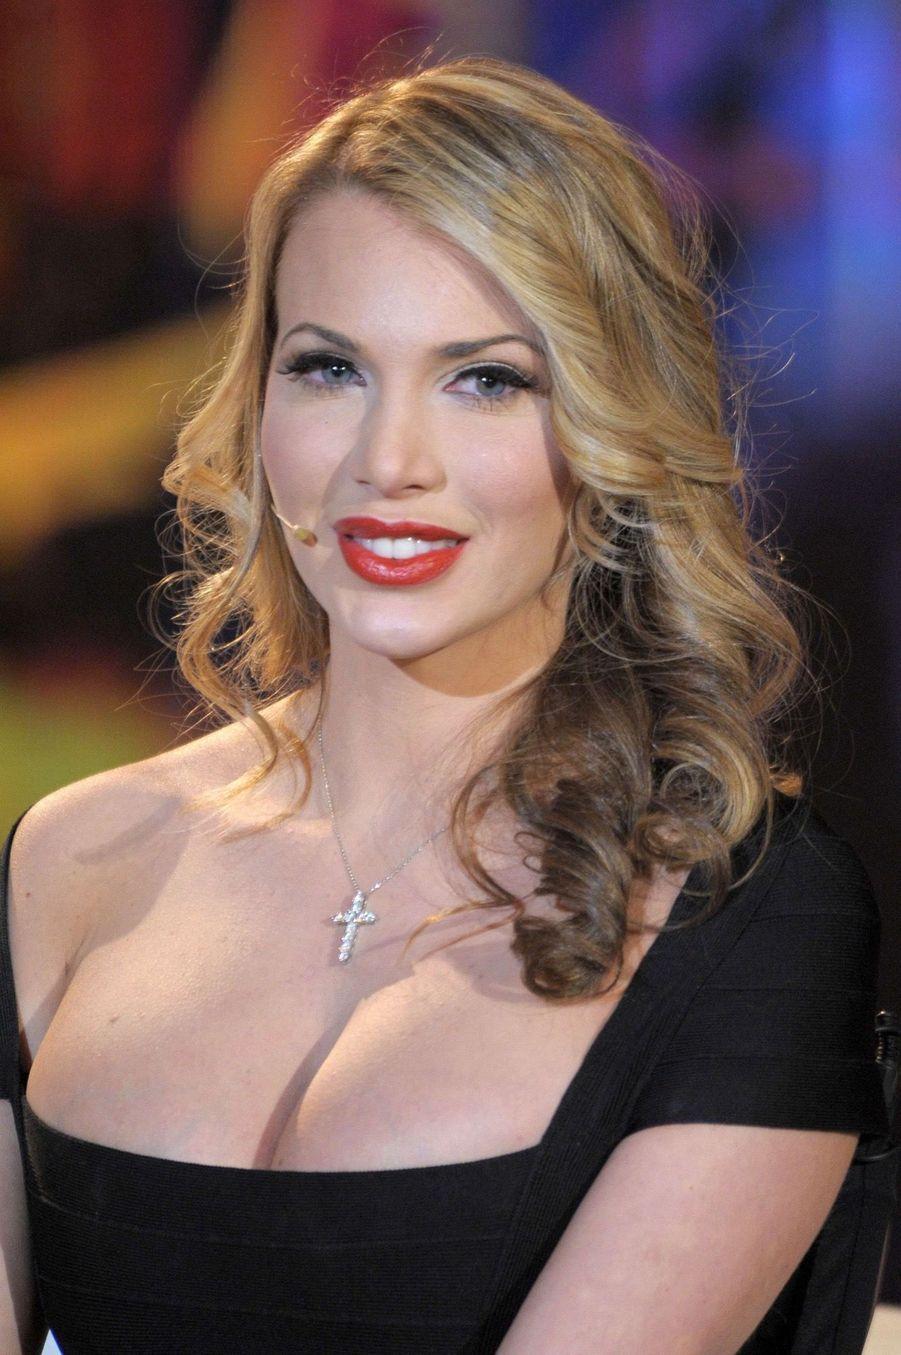 Loredana Jolie, maitresse présumée de Tiger Woods, en janvier 2010.